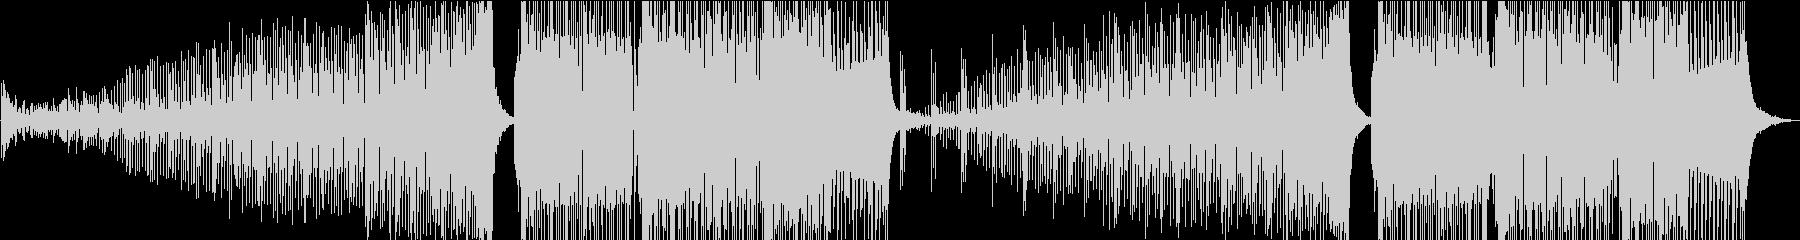 プログレッシブハウス、スクラッシーベースの未再生の波形